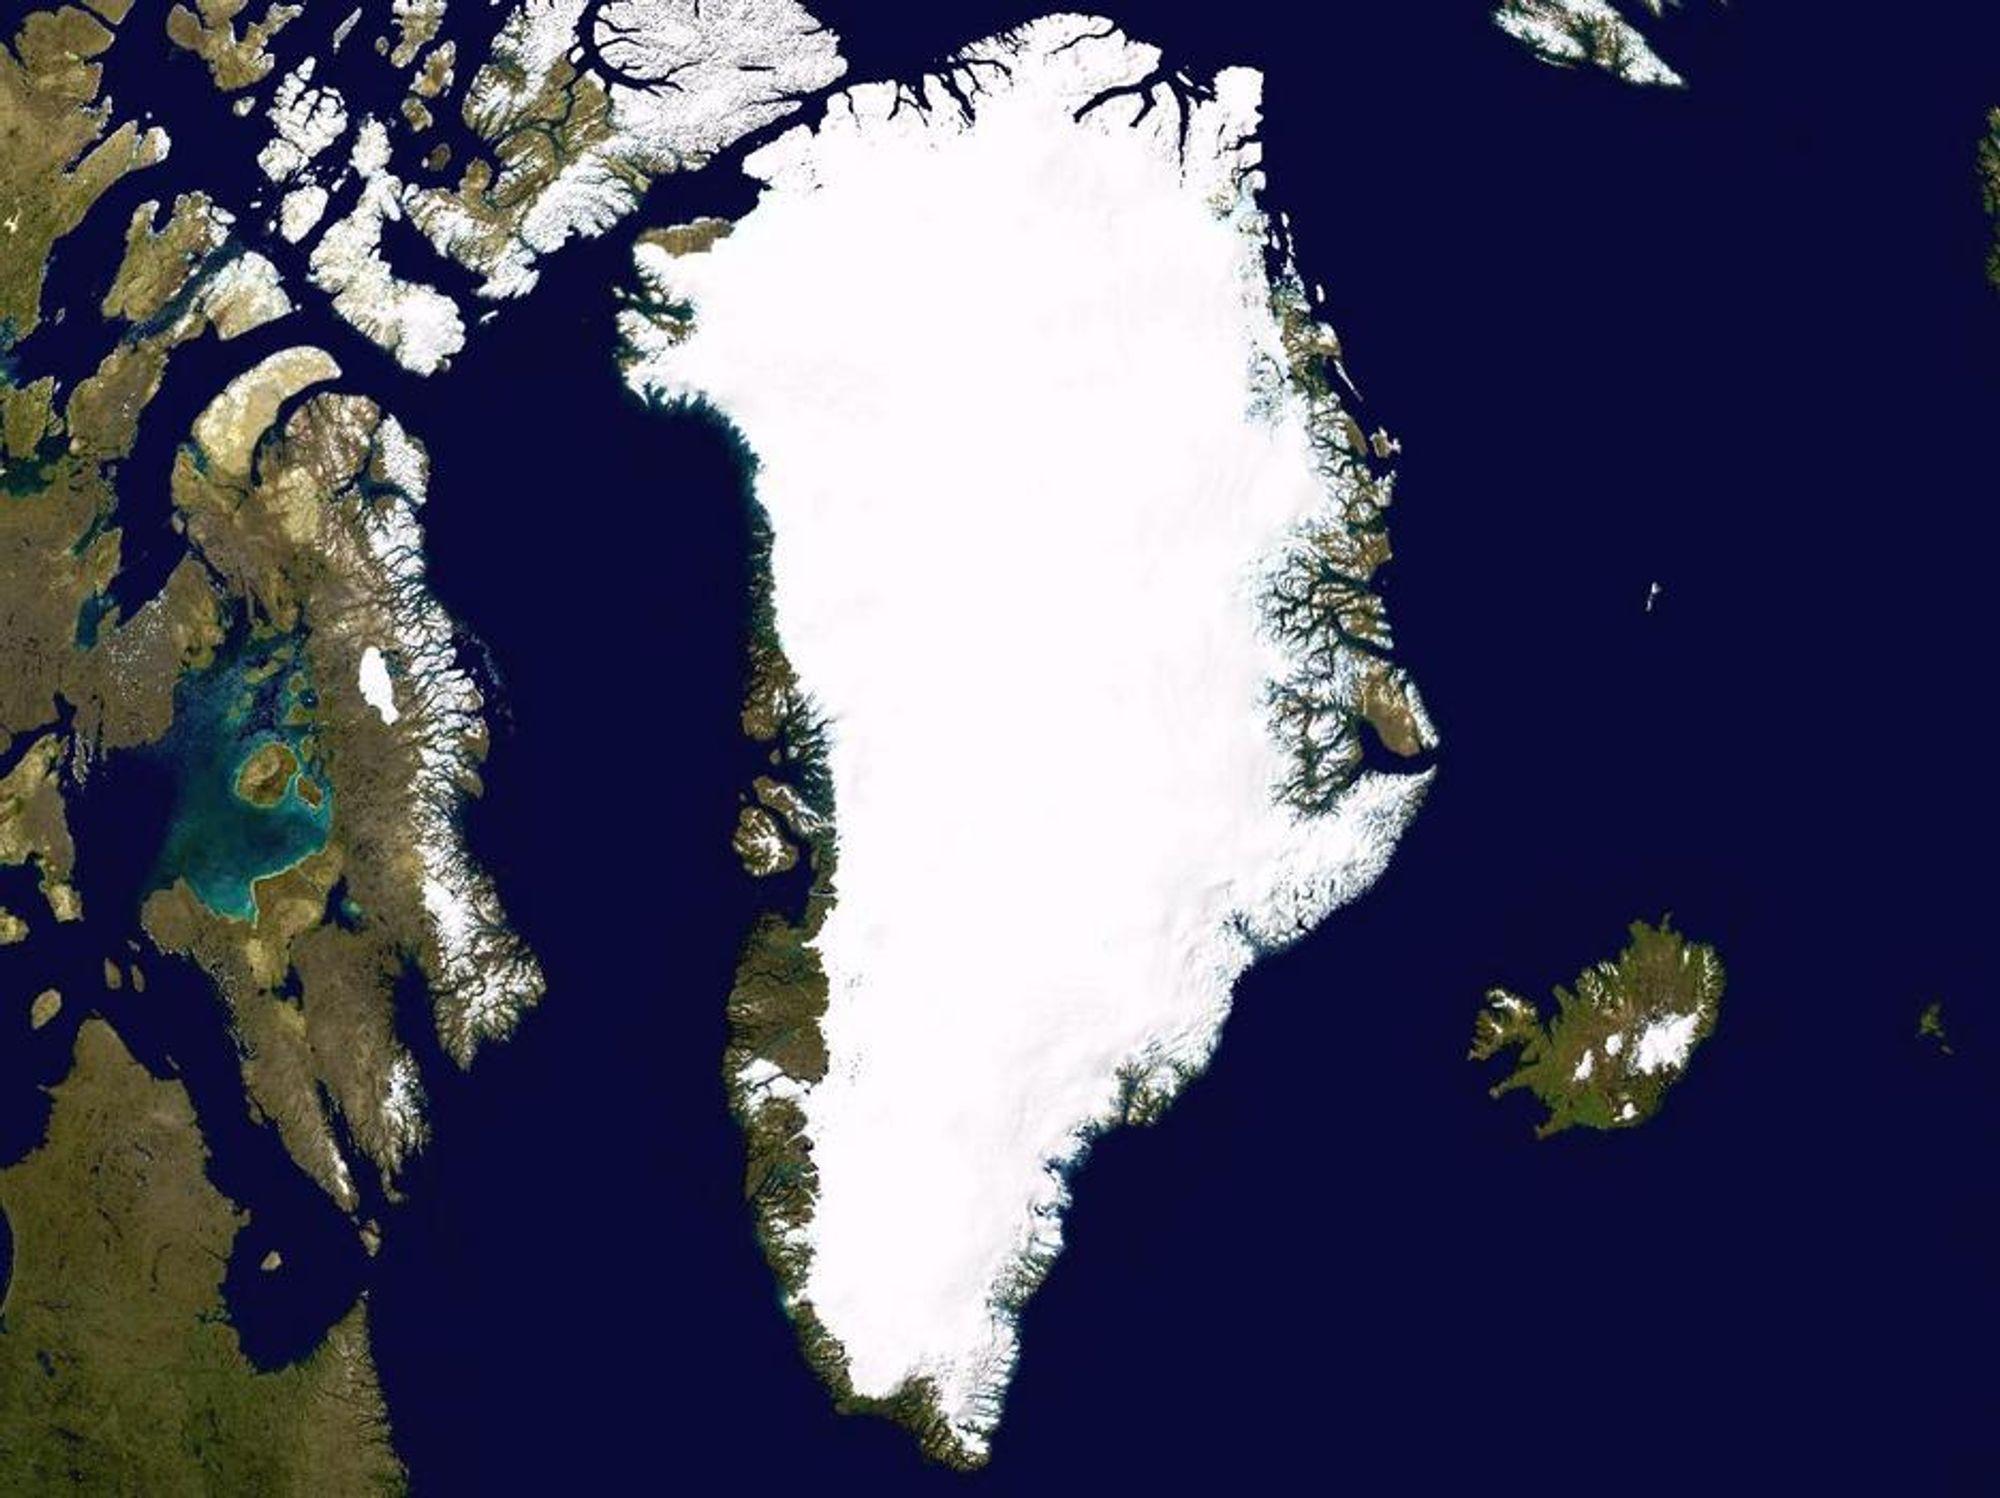 IKKE BARE BRA: Cairn Energy har oppdaget naturgass utenfor Grønland, og det kan være både olje og gass under havet. Det gjør mange bekymret.